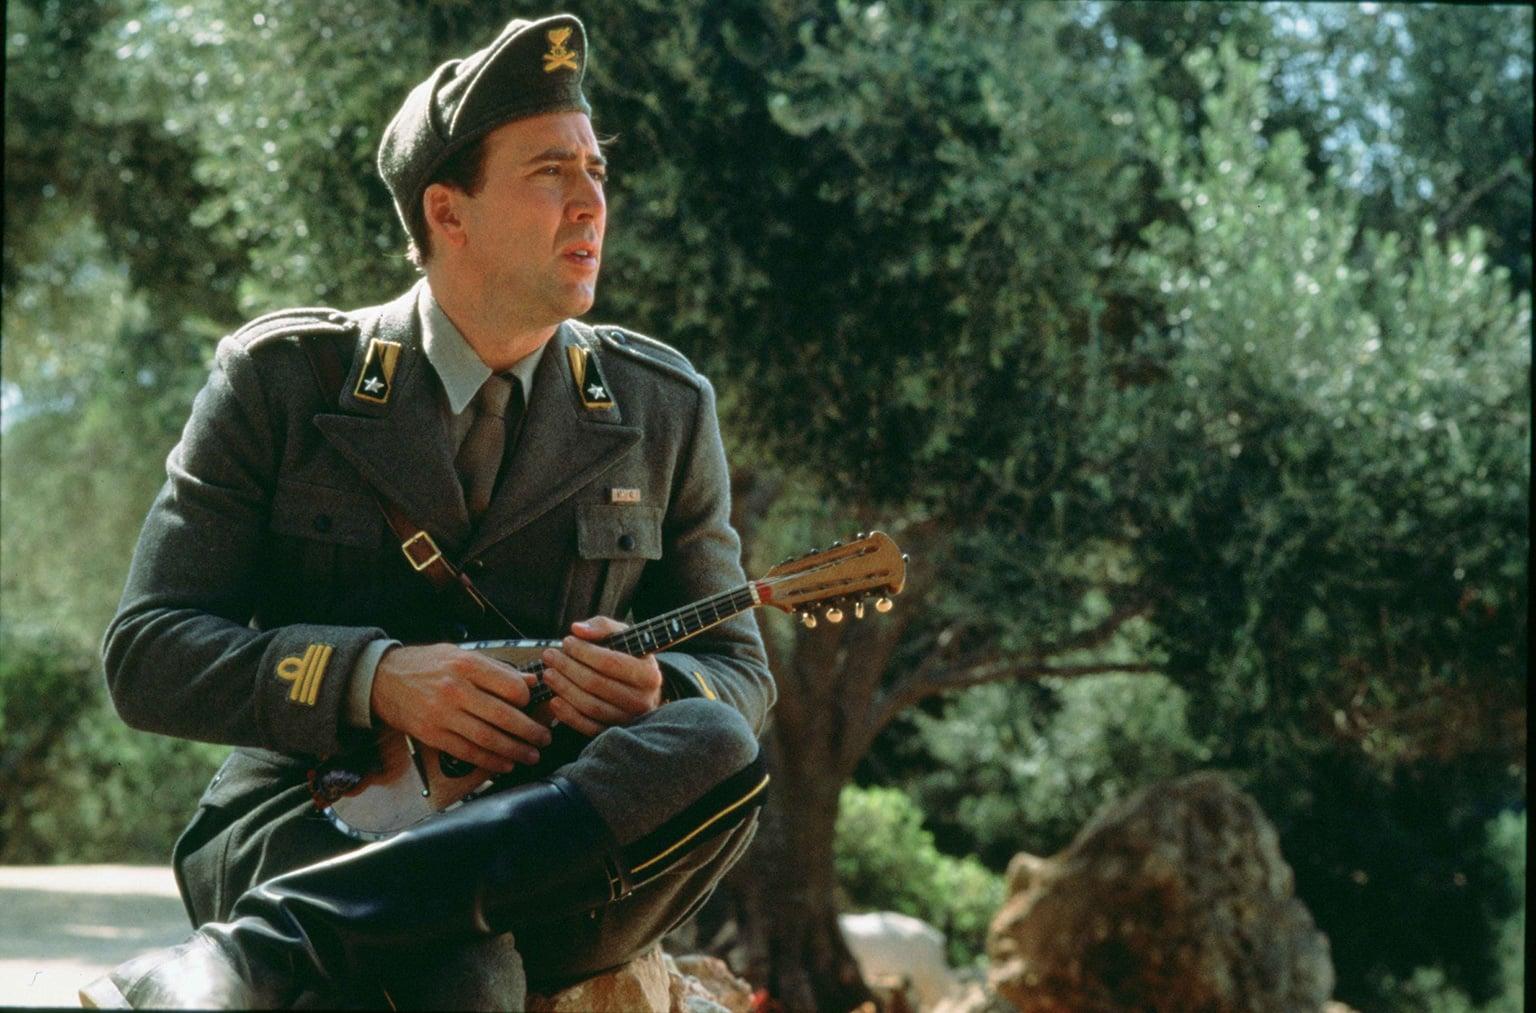 Οι Χολιγουντιανές ταινίες που έκαναν διάσημα τα ελληνικά νησιά